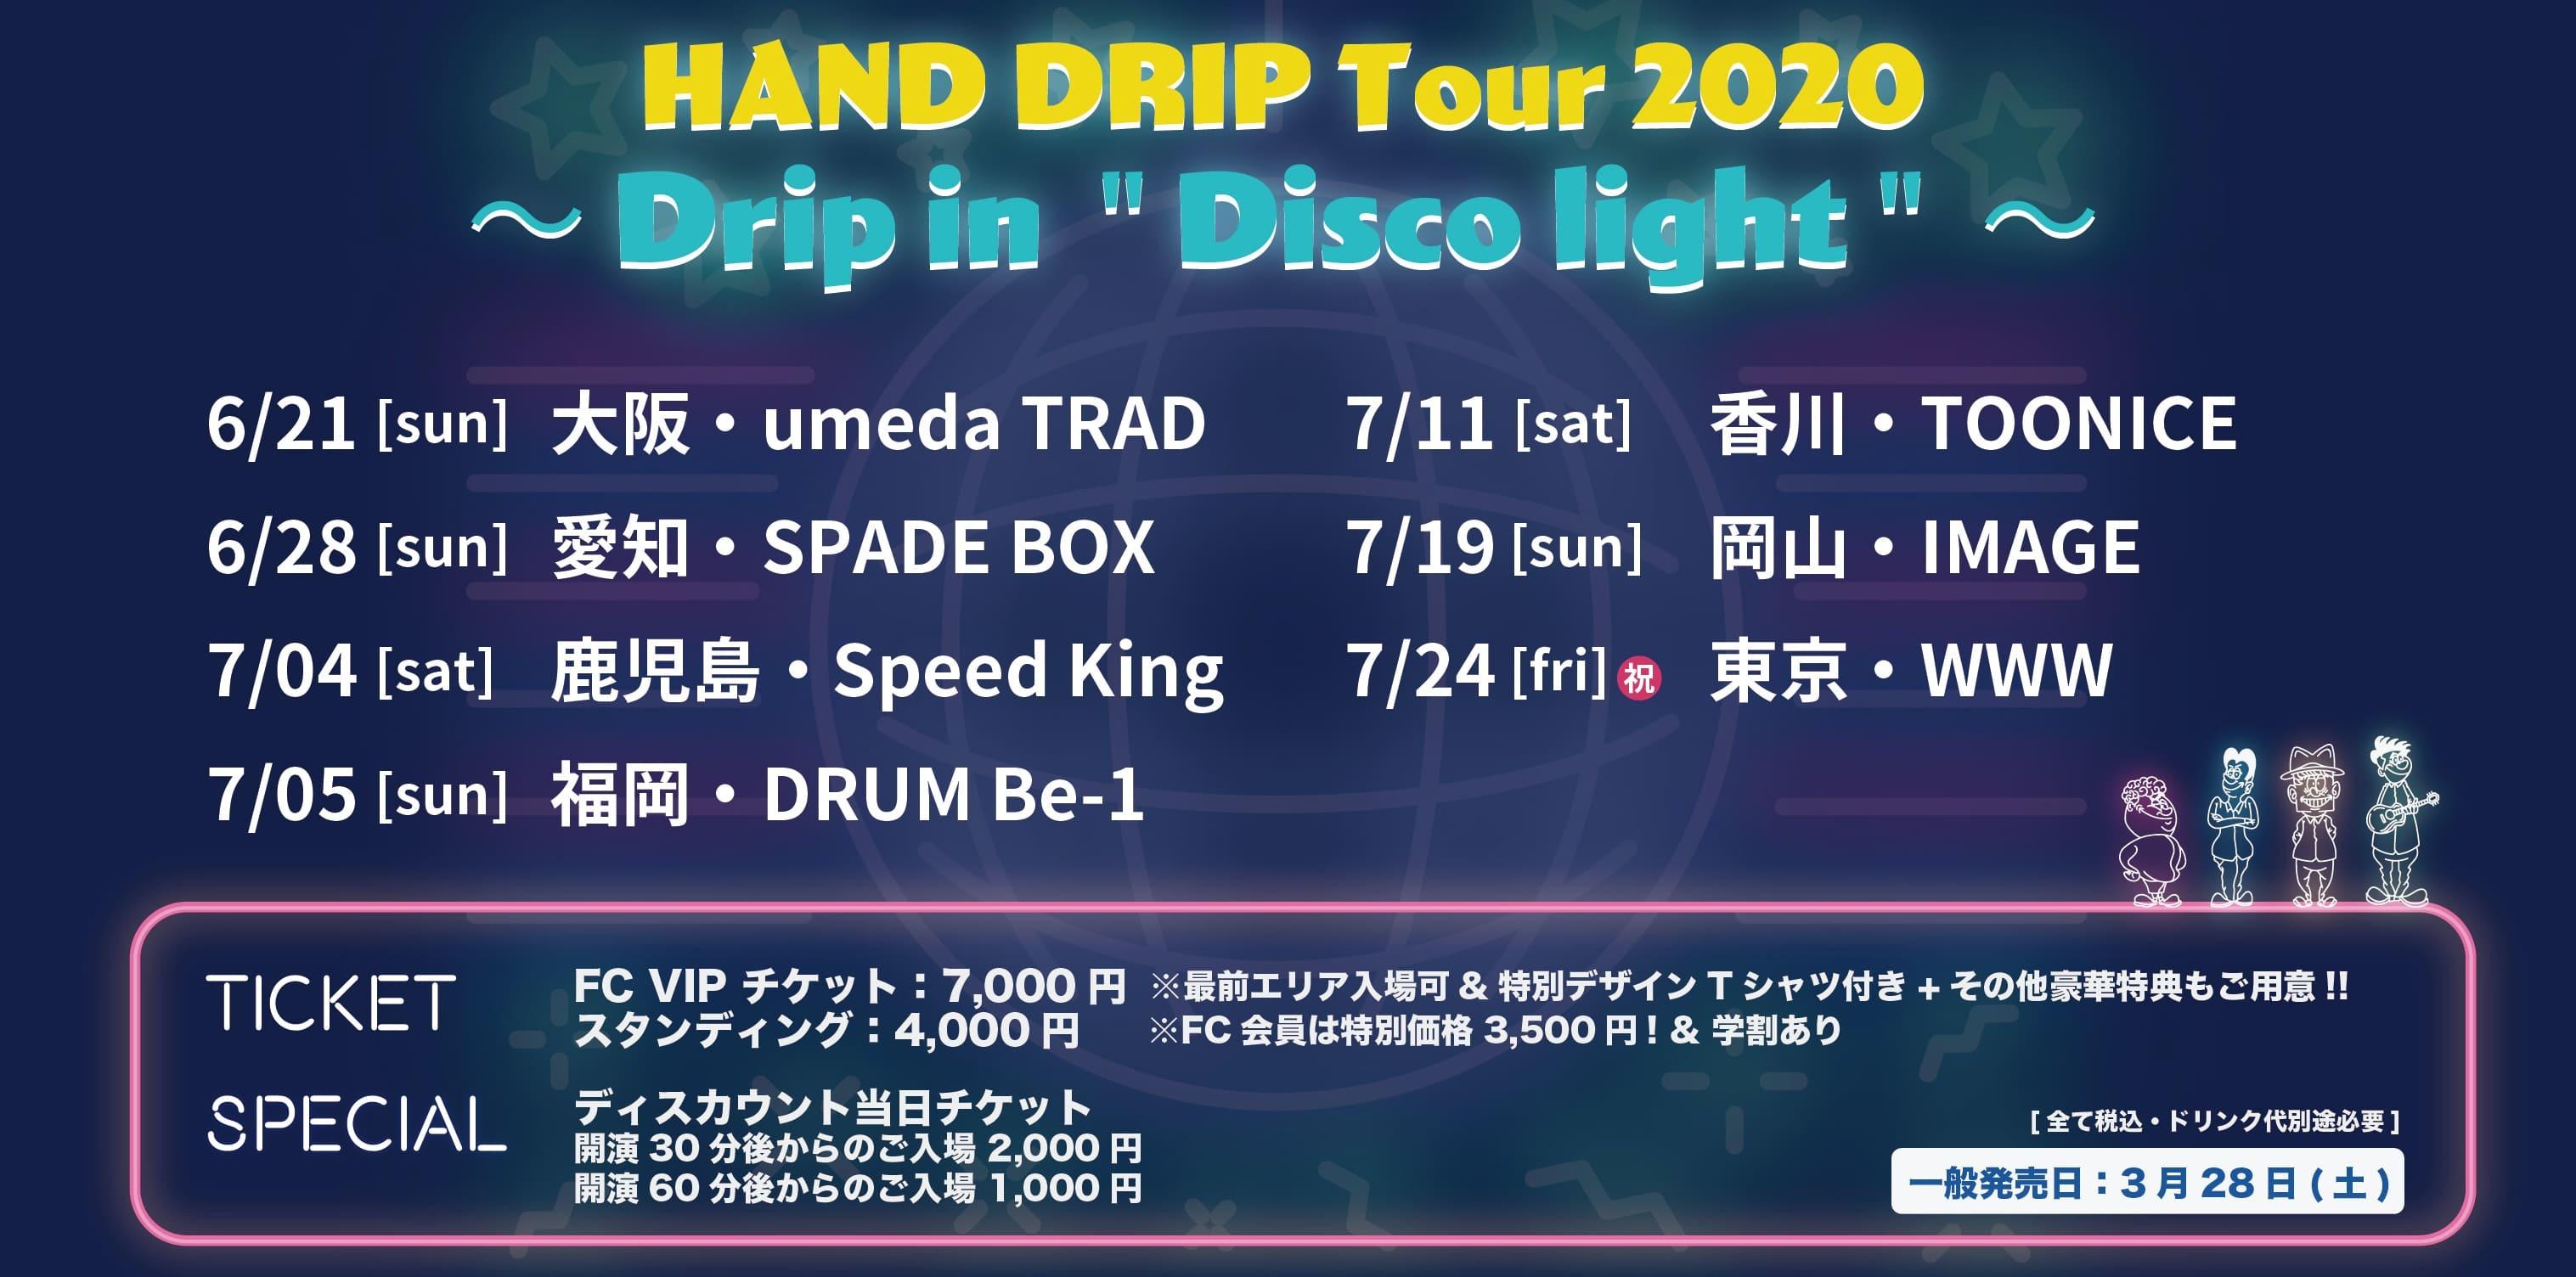 TOUR 2020